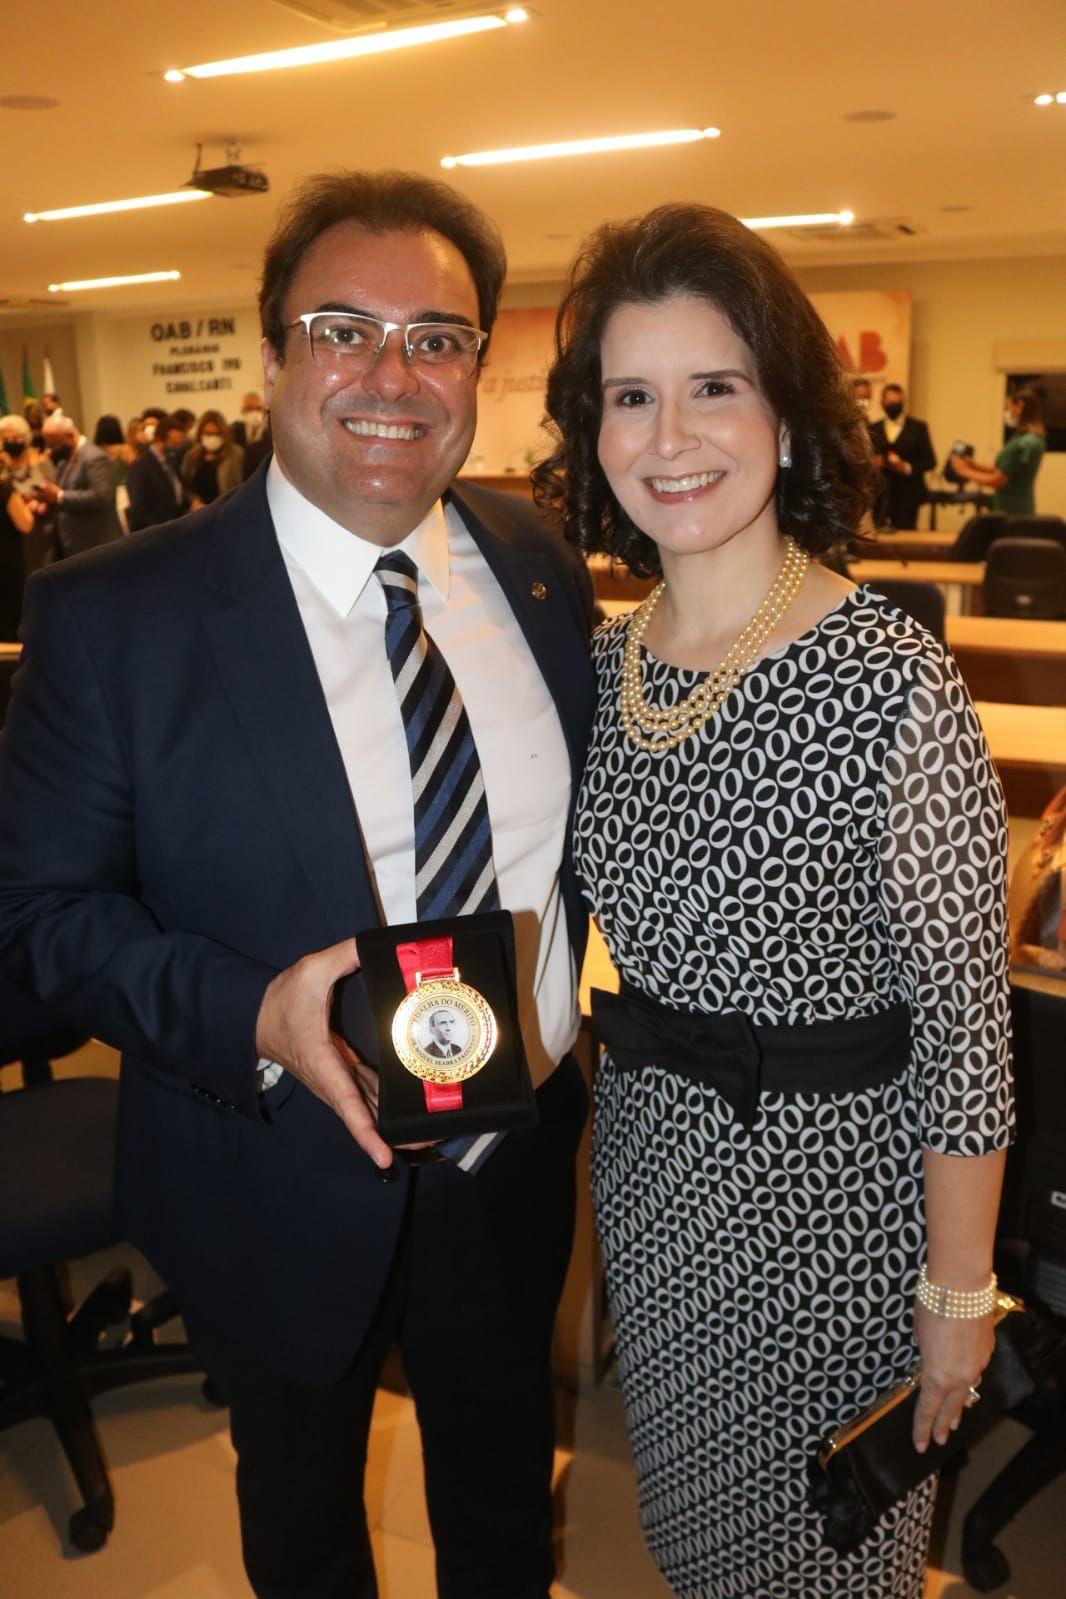 Edson Faustino recebeu a comenda do Mérito Desembargador Miguel Seabra Fagundes, pelo DIA DO ADVOGADO, acompanhado de sua esposa, a juíza Adriana Magalhães Faustino